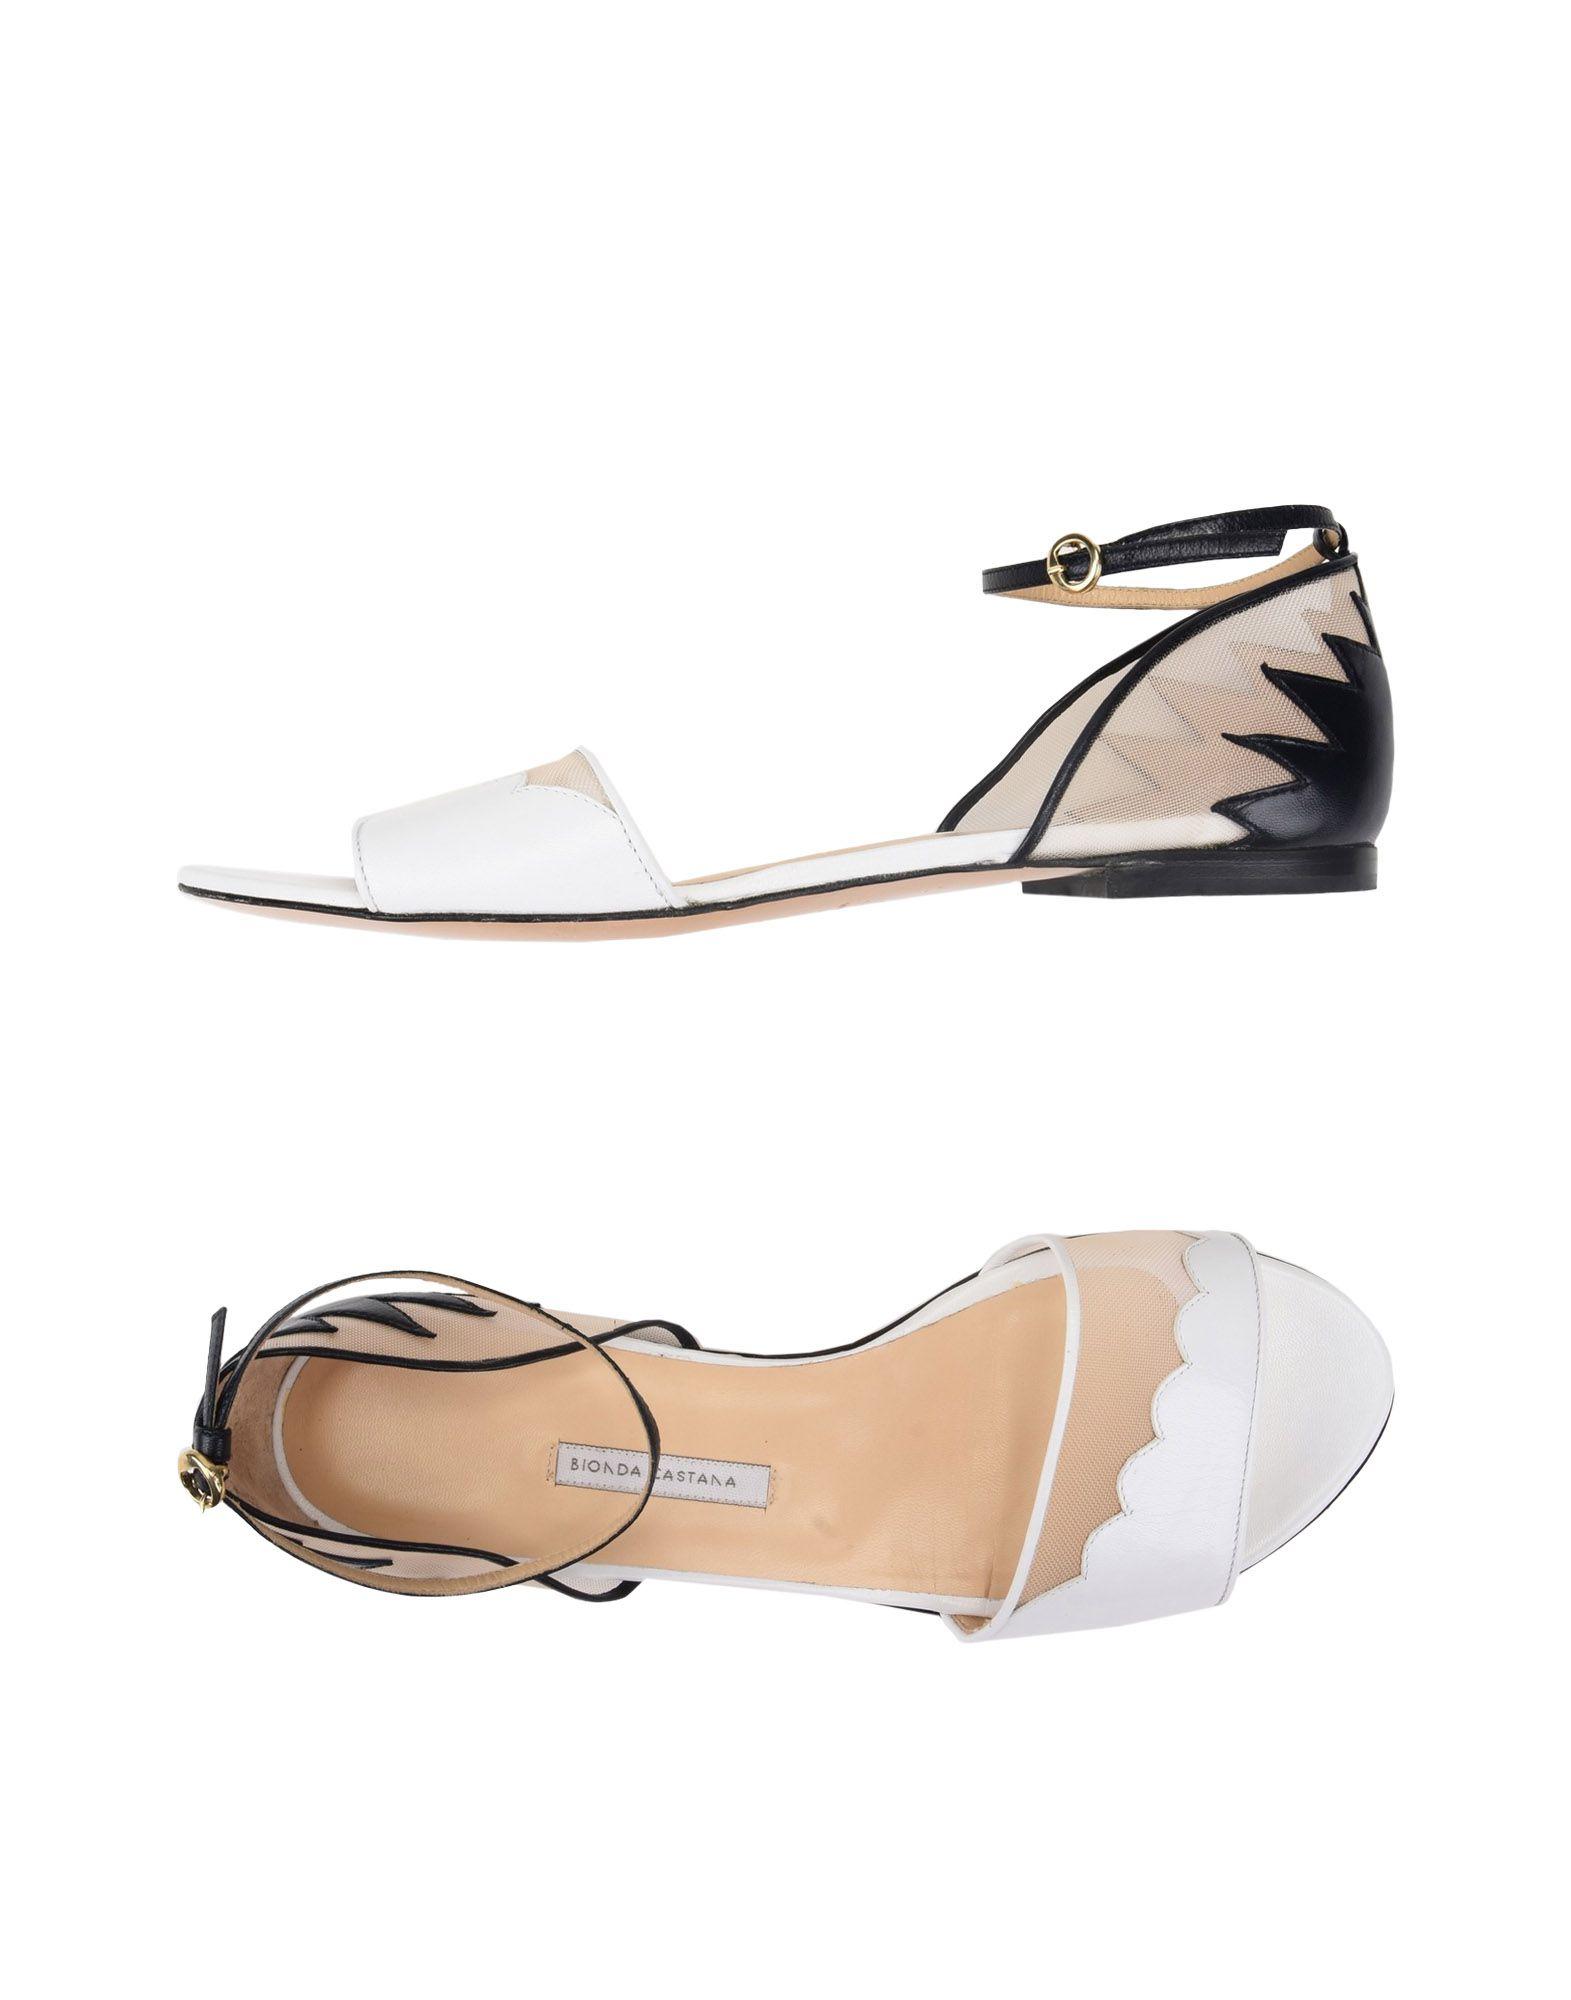 Rabatt Schuhe Bionda Castana Sandalen Damen  11475580GA